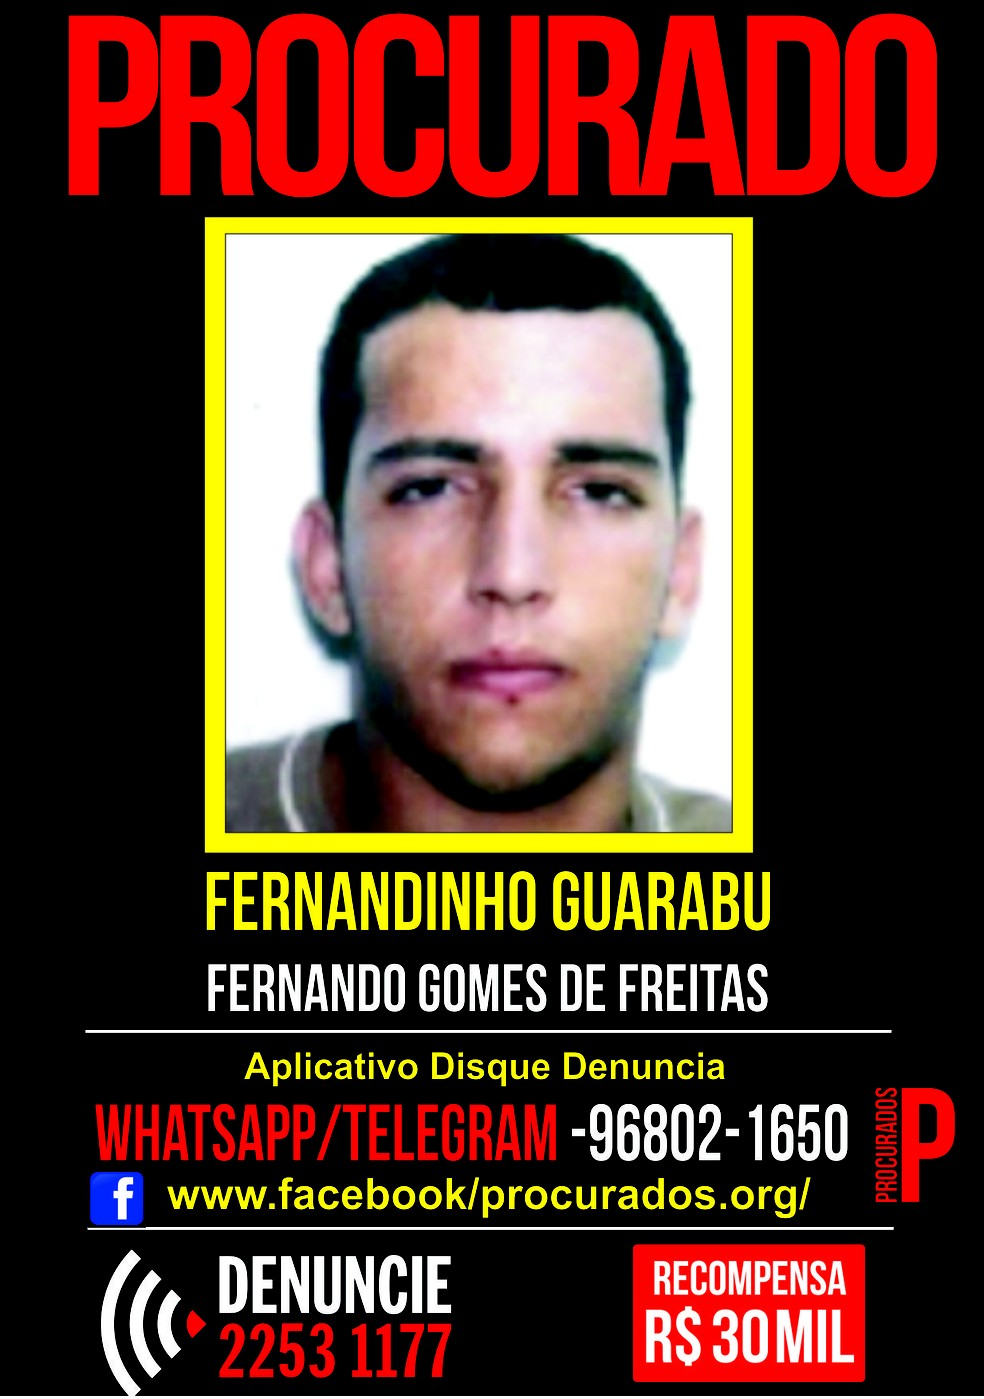 Cartaz - Recompensa de R$ 30 mil por traficante Fernando Gomes de Freitas, Fernandinho Guarabu — Foto: Divulgação/Disque-denúncia